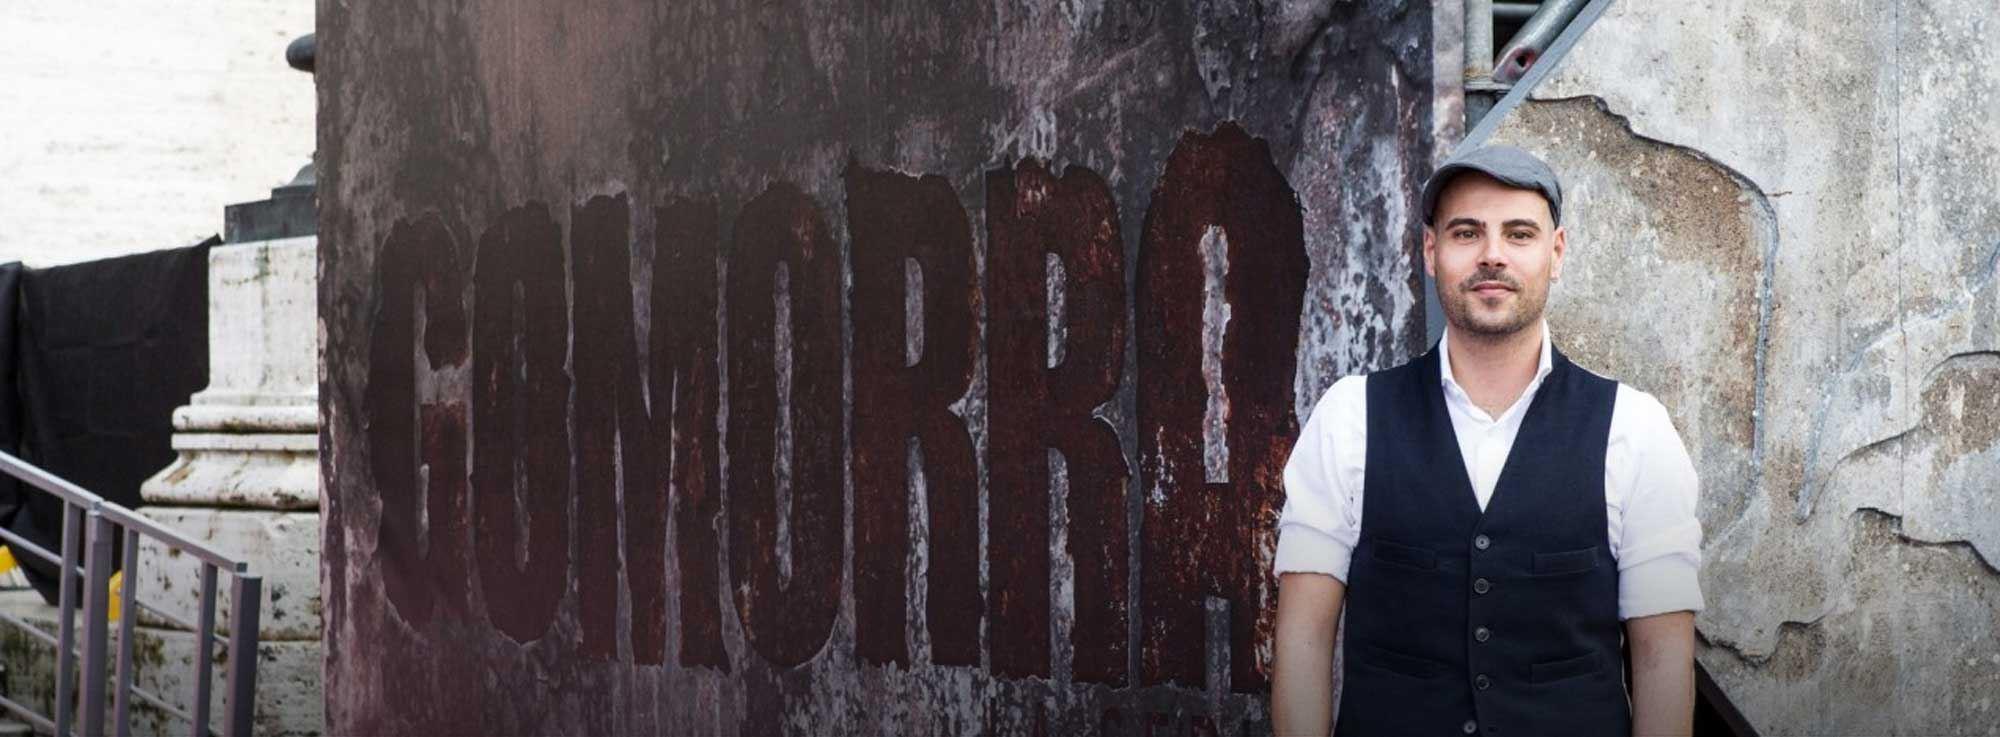 Taranto: Marco D'Amore di Gomorra al Teatro Tatà di Taranto